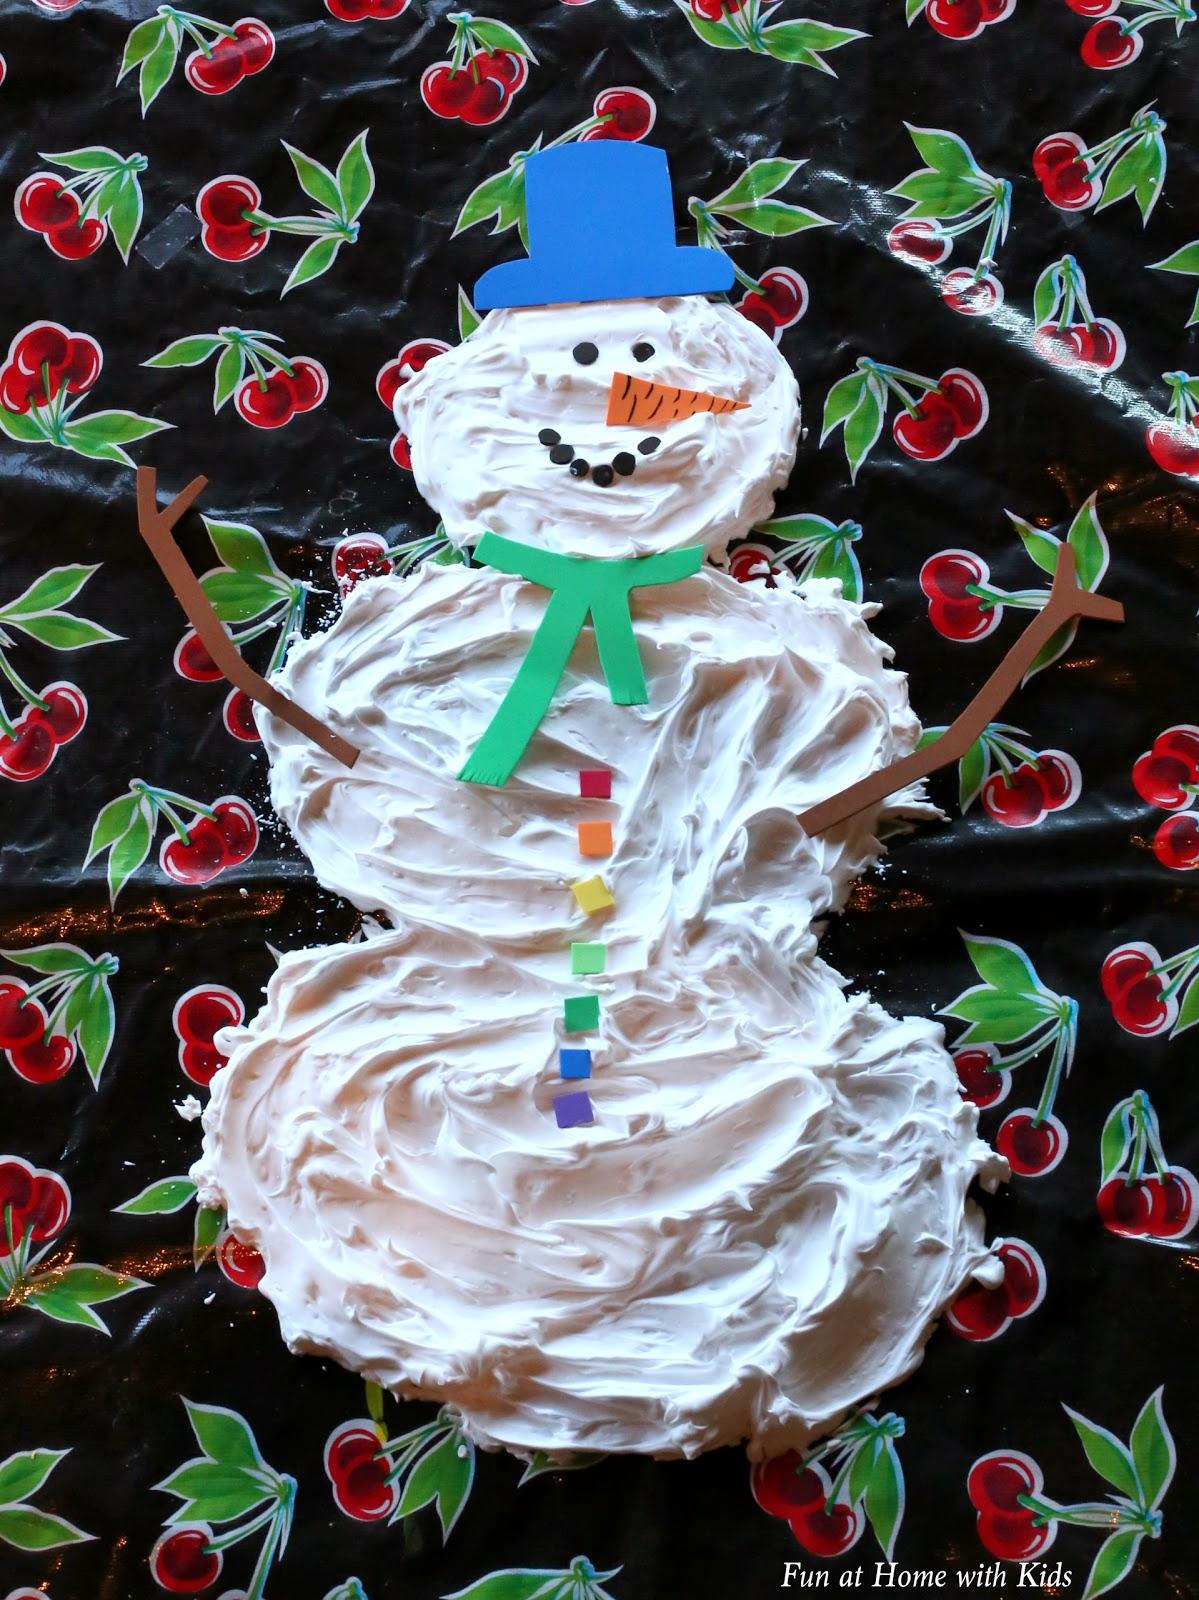 Fun at Home With Kids - Demolish the Snowman - Messy Christmas Sensory Play